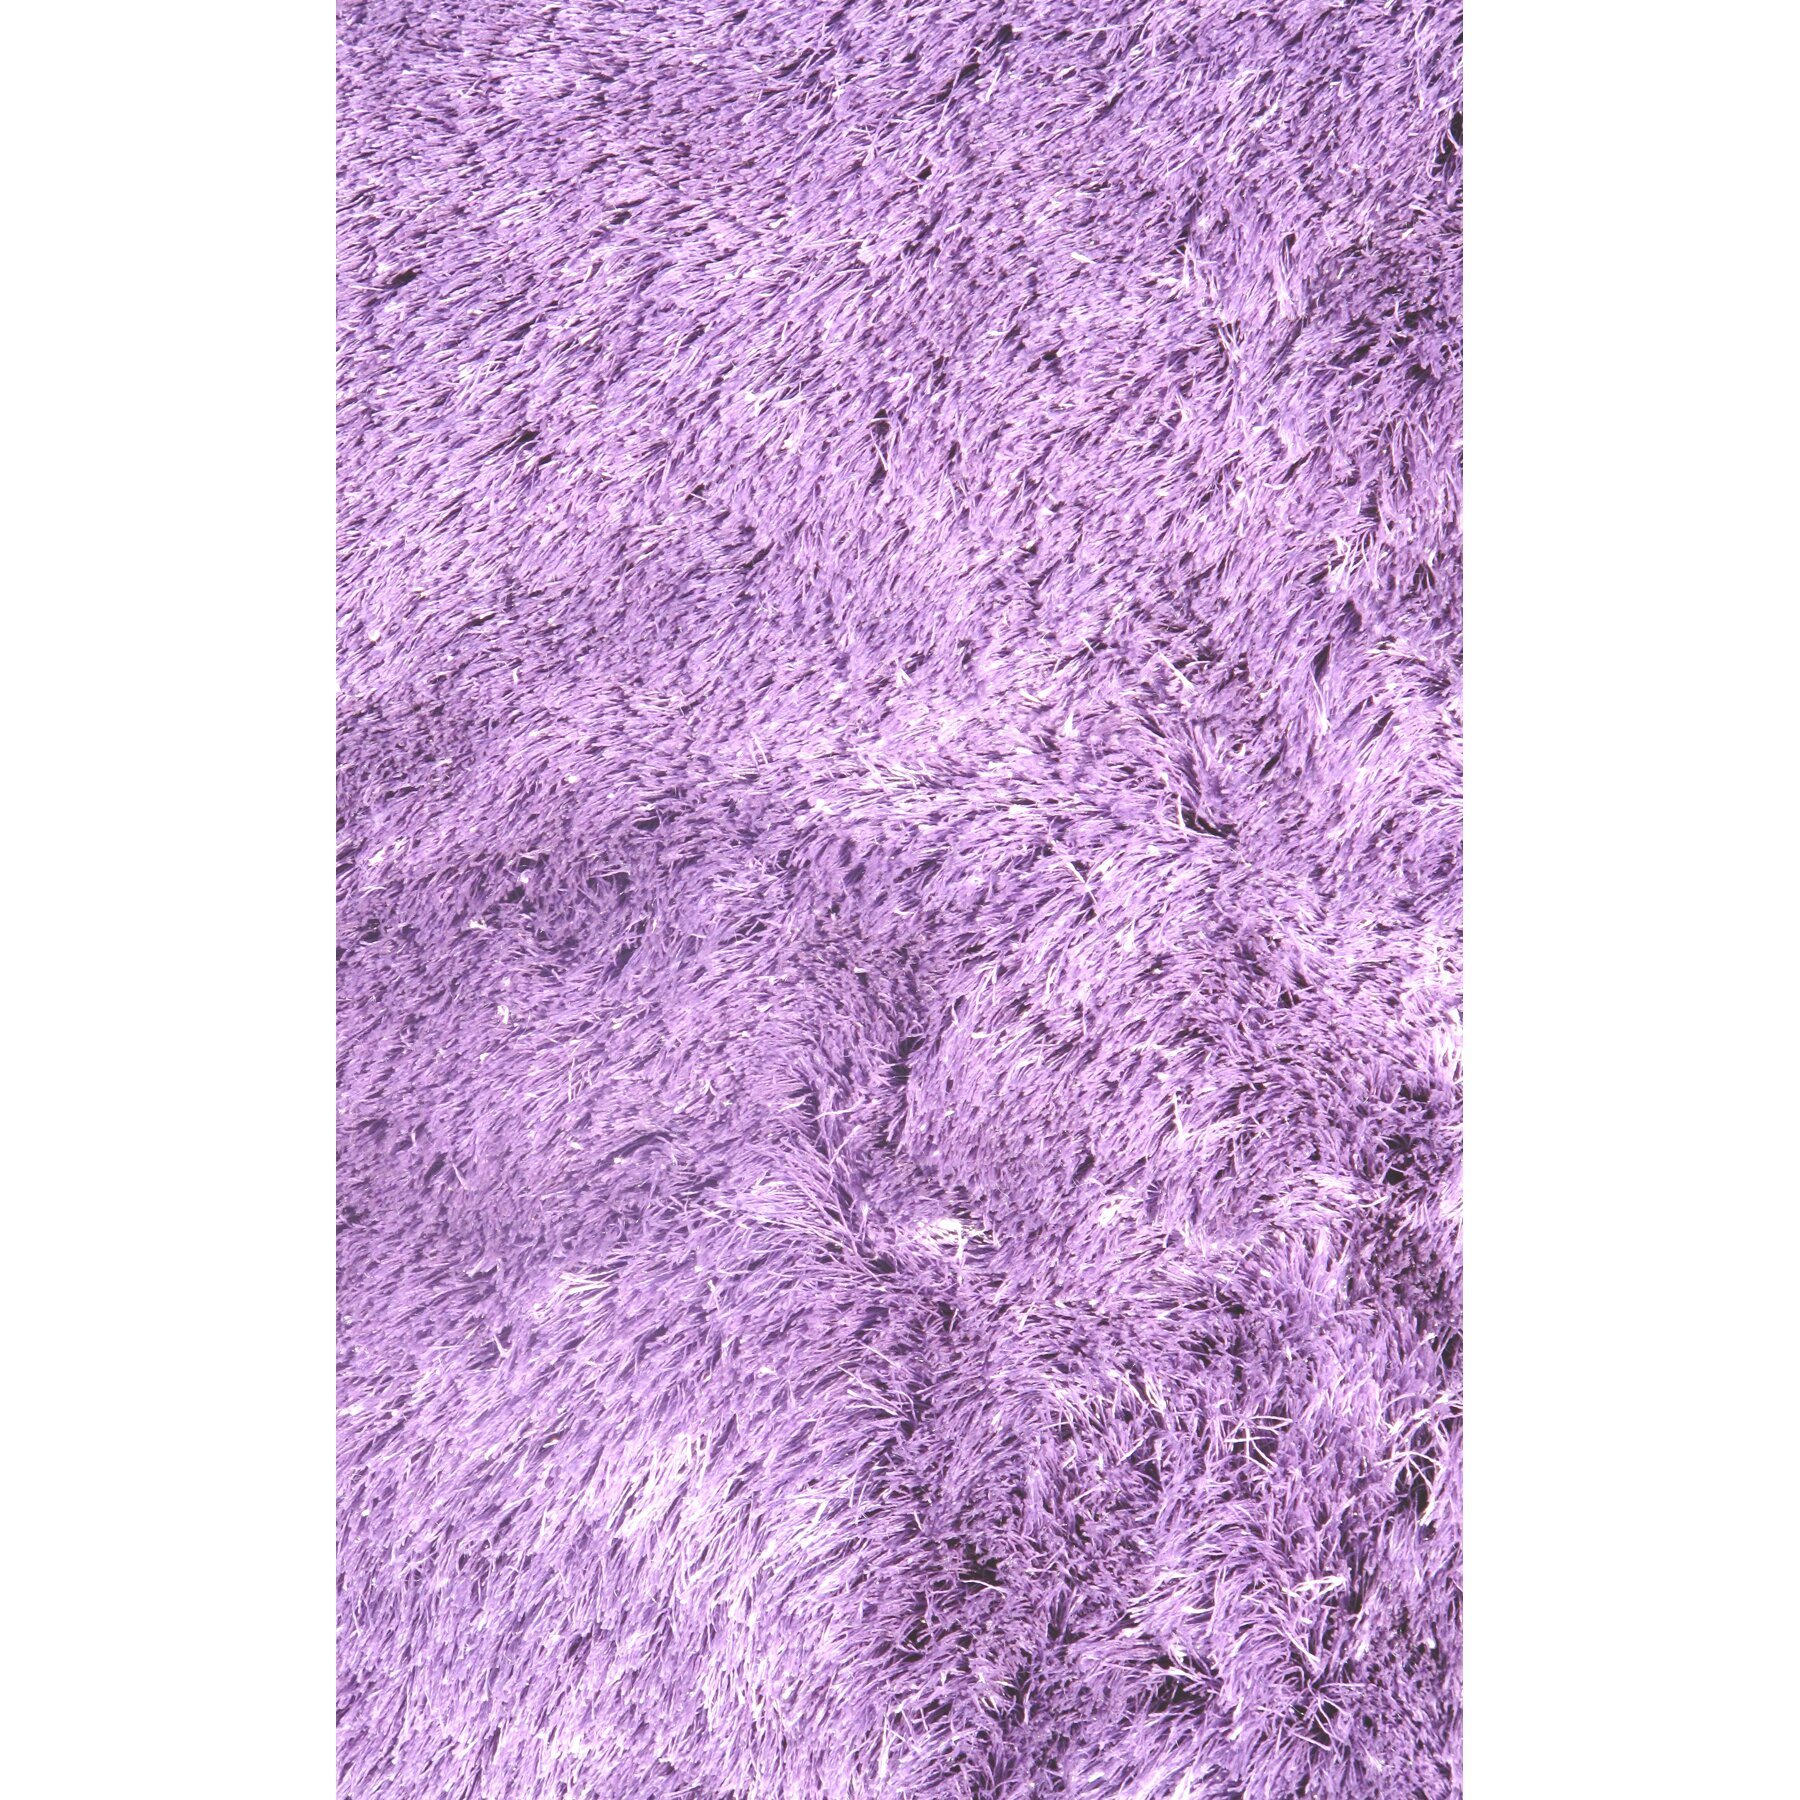 Lavender Rug: LA Rugs Silky Shag Lavender Indoor Area Rug & Reviews